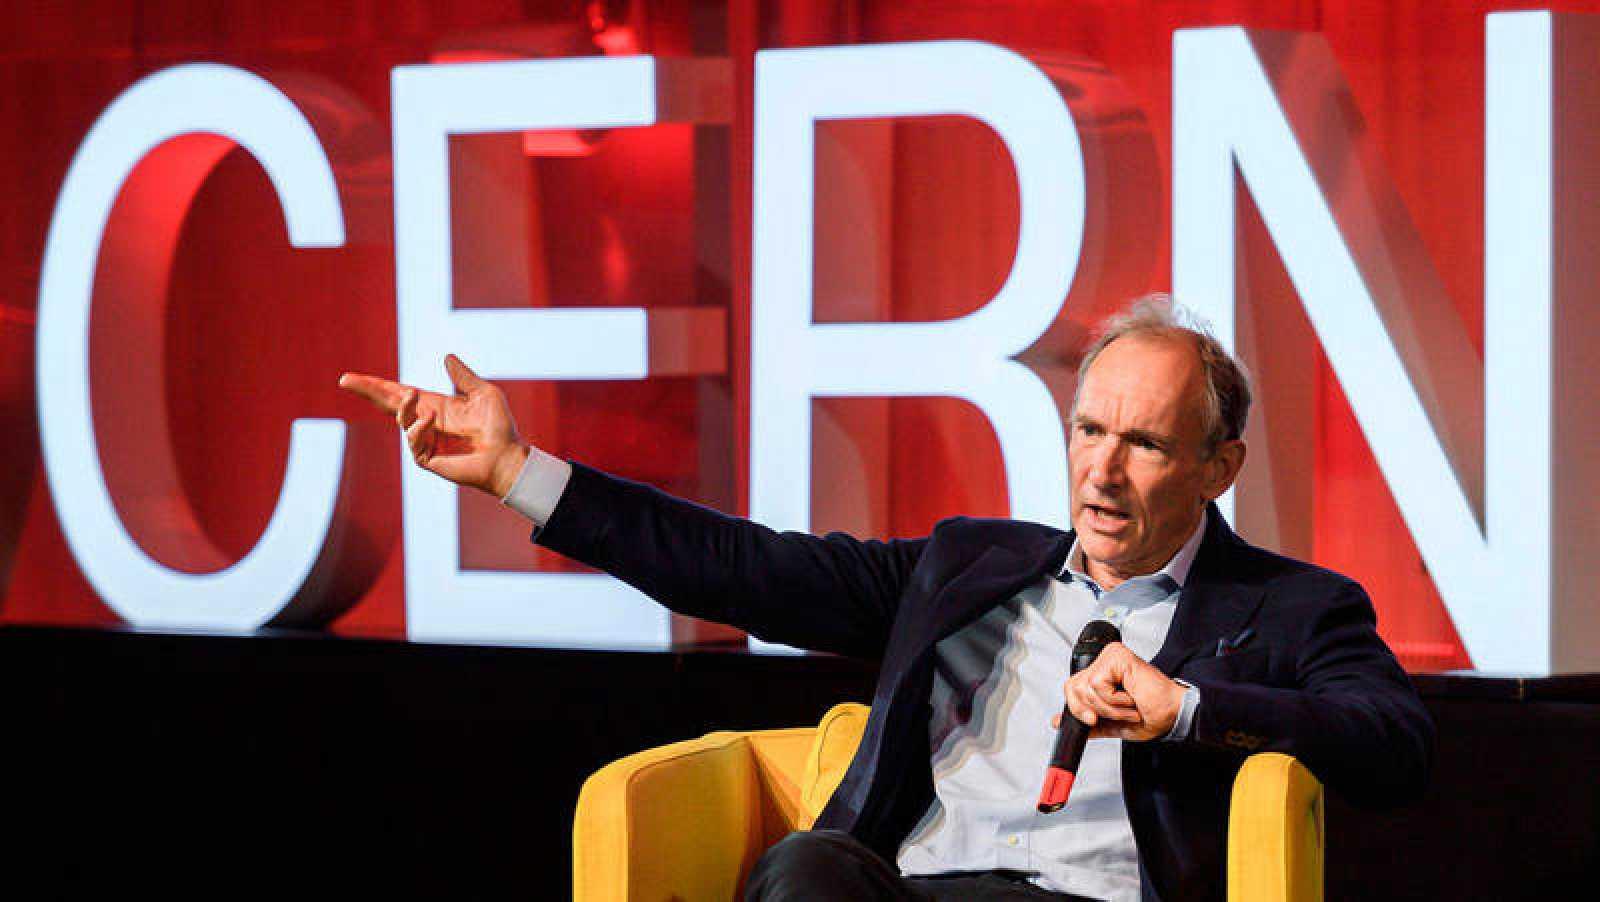 Tim Berners-Lee. durante la celebración del 30 aniversario de la Web. COFFRINI / AFP - Revista Tino